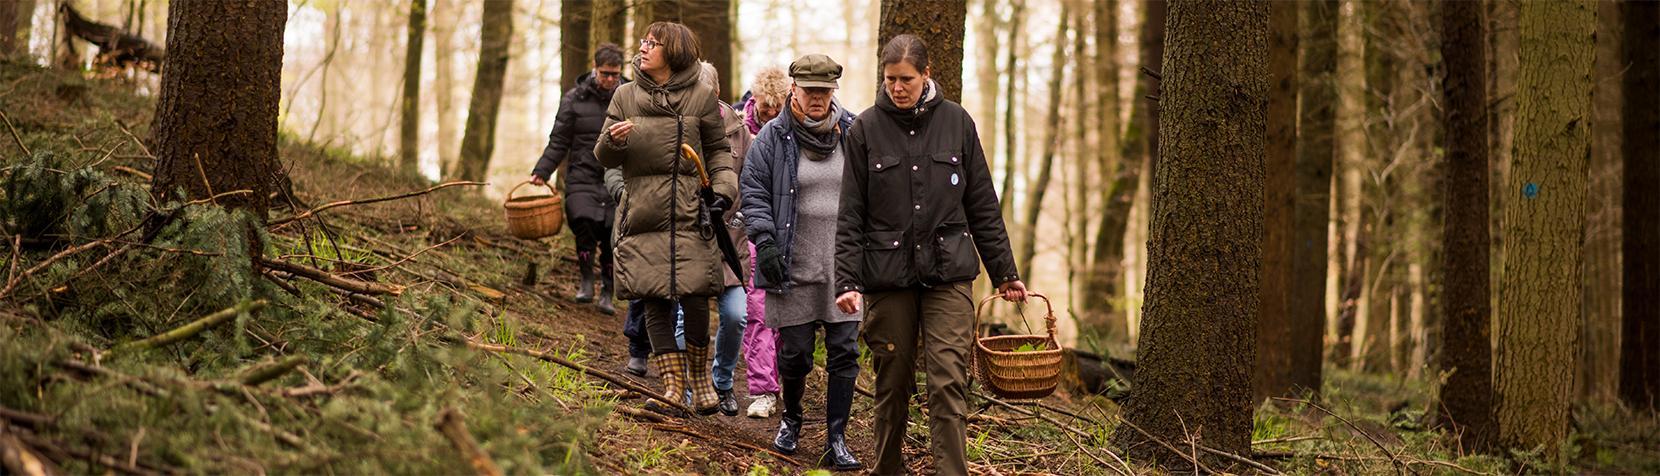 Deltagere på rygestop i naturen finder spiselige planter i skoven